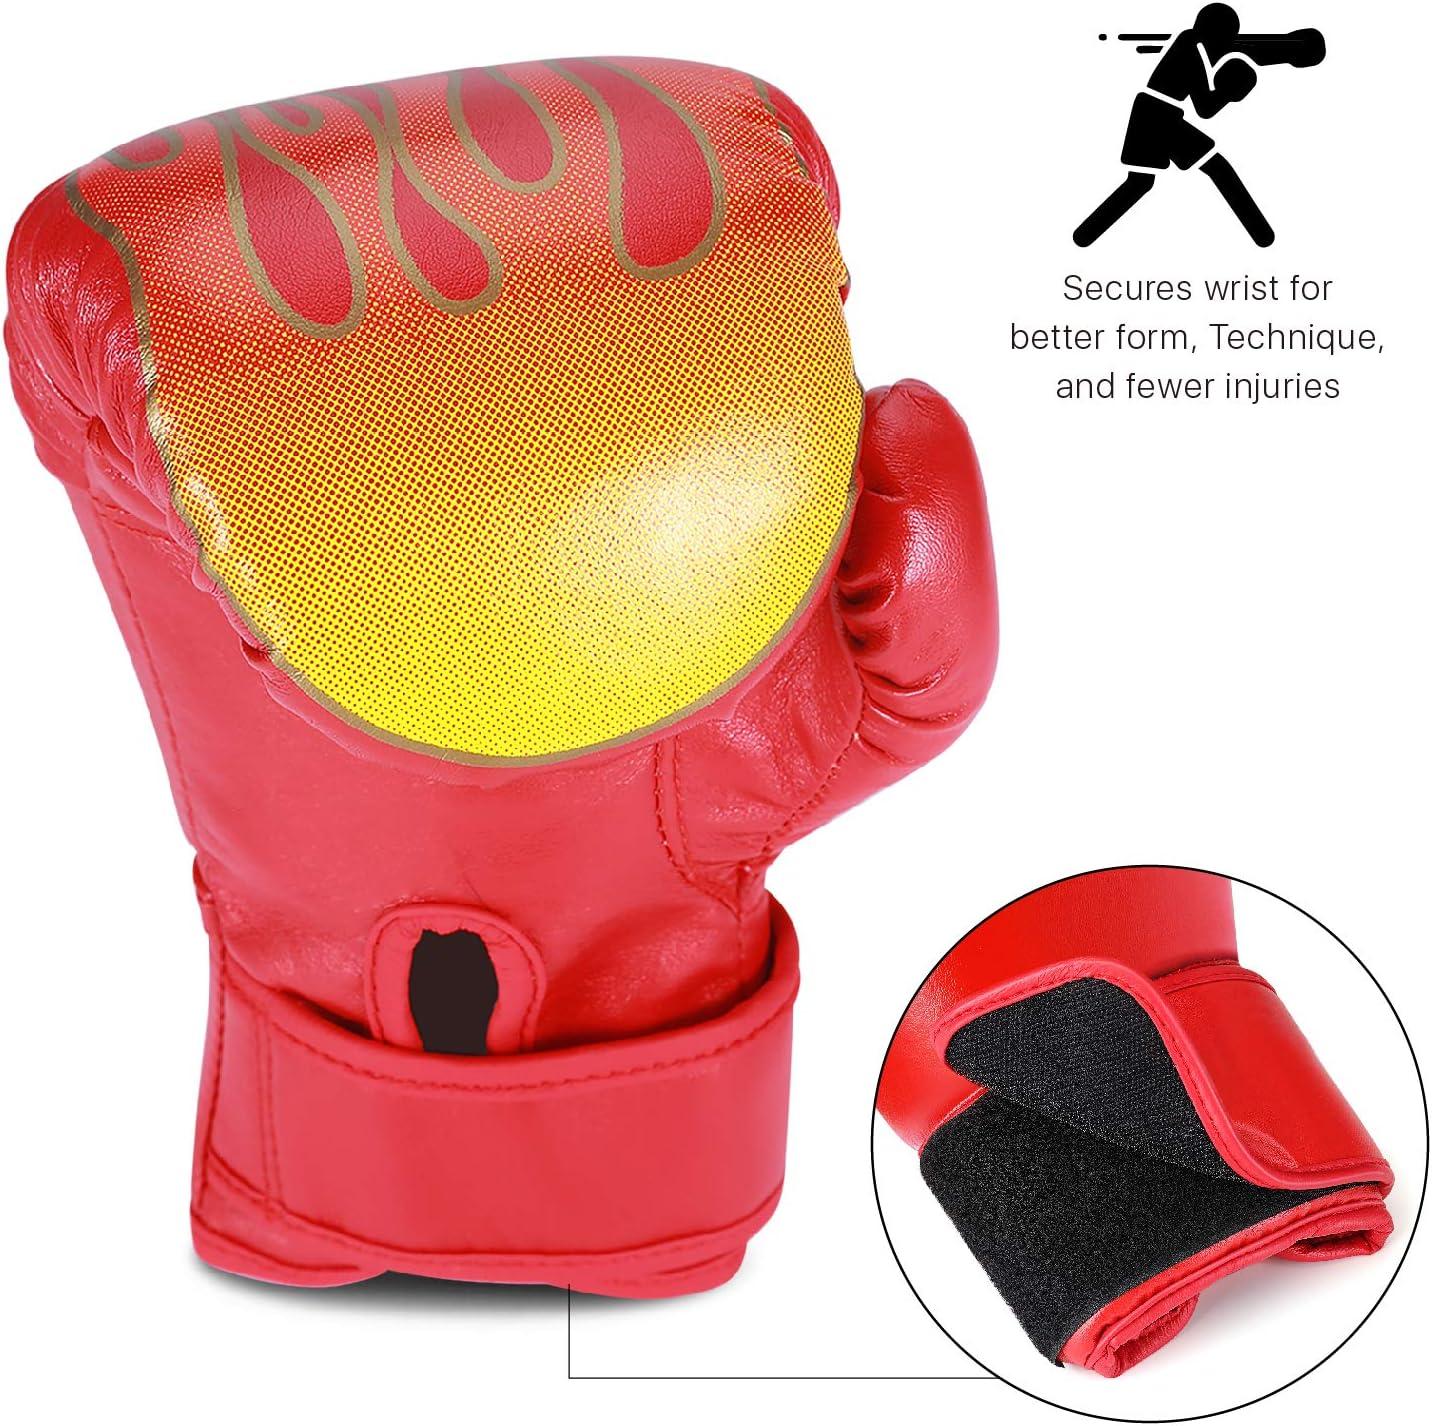 MagiDeal Gants de Boxe pour Enfants MMA Mury Thai Kickboxing Punching Sparring Sac Frappe Entra/înement